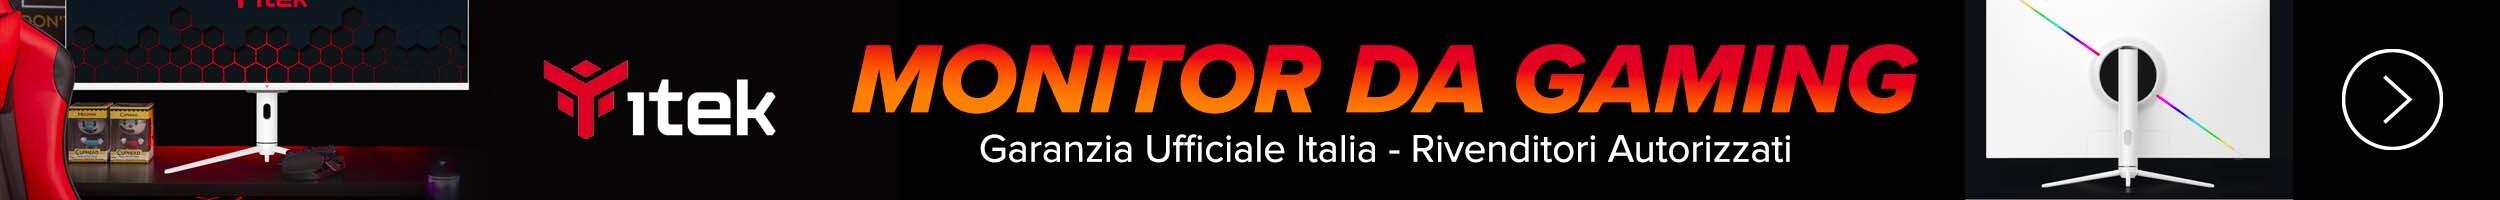 Itek Monitor da gaming Garanzia ITALIA - Rivenditori Autorizzati